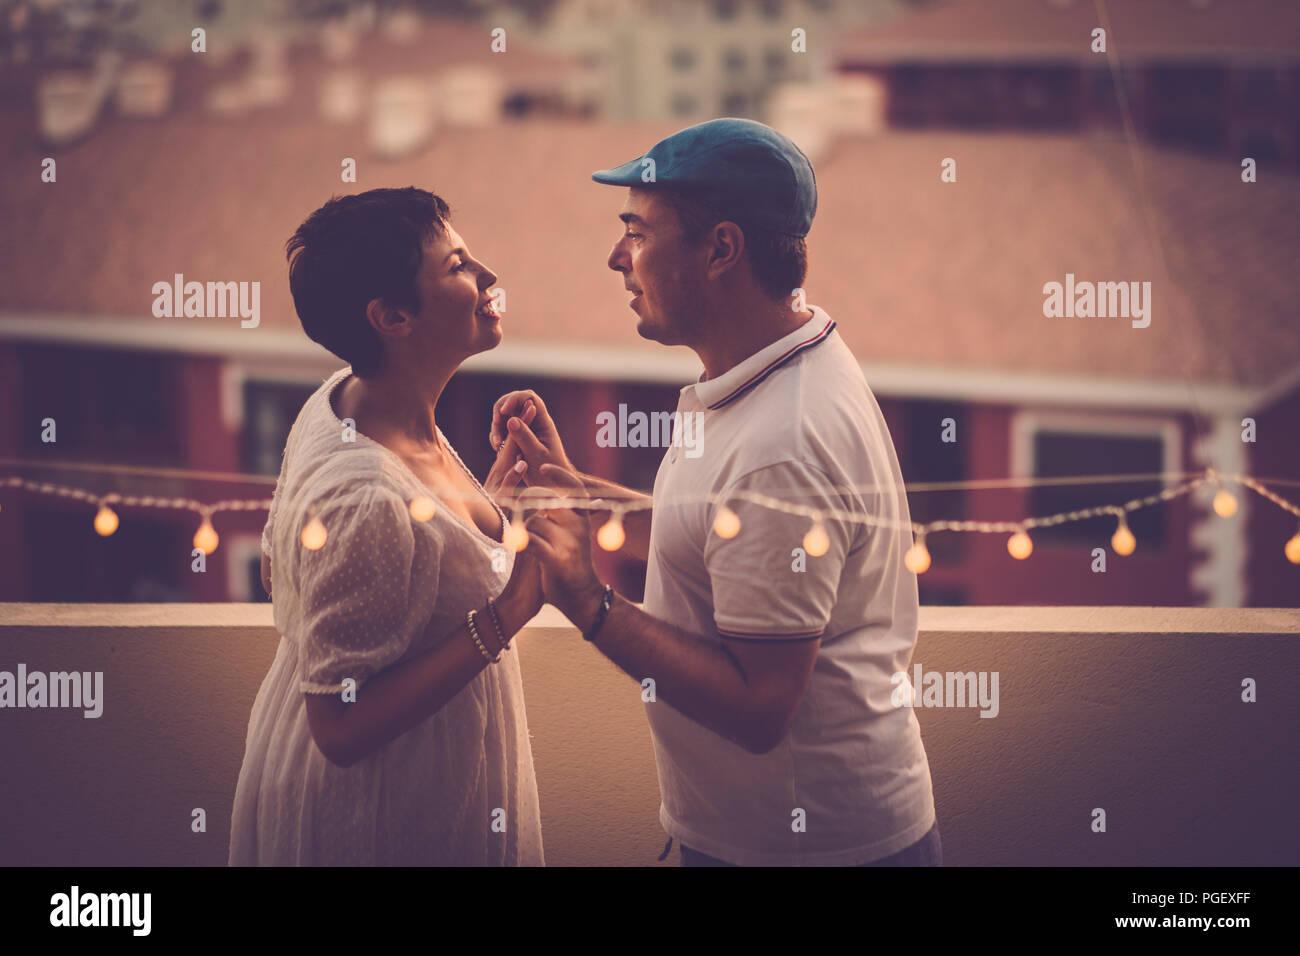 Beau moyen age couple in love smiling eachother et à la recherche dans les yeux à la terrasse avec une vue de dessus. houese relation Photo Stock